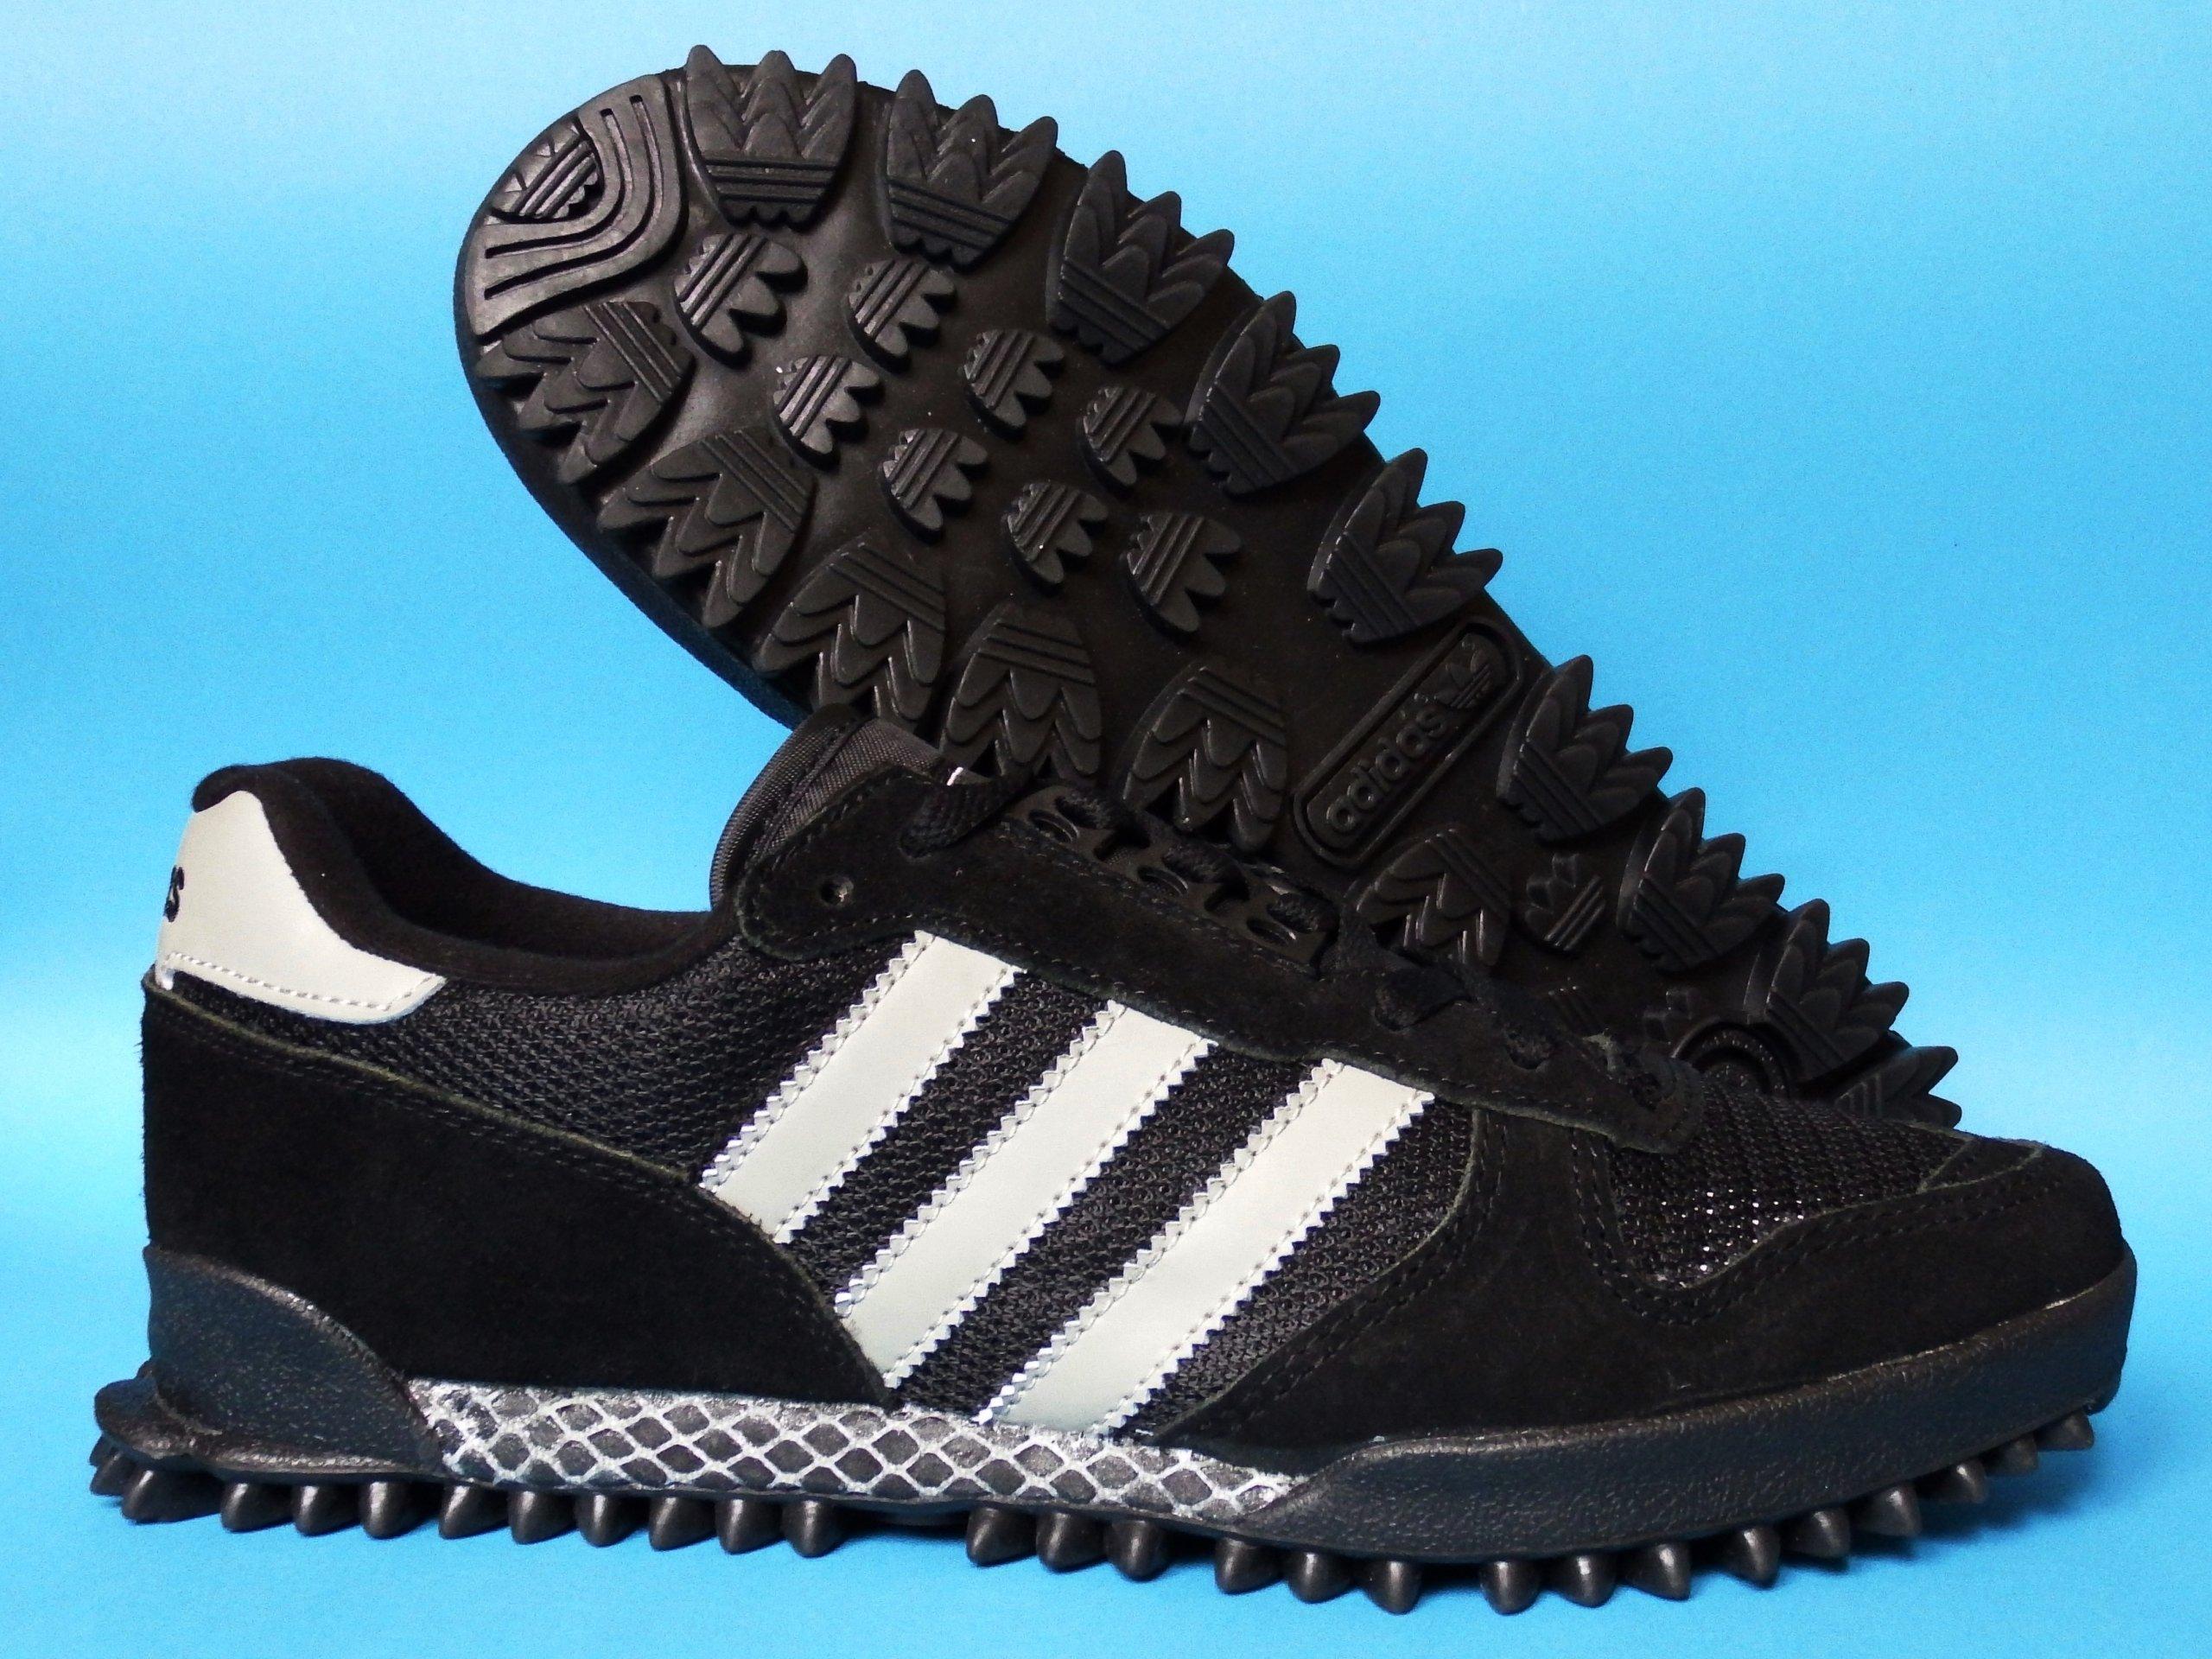 oficjalne zdjęcia 50% zniżki nowe style buty adidas wszystkie modele